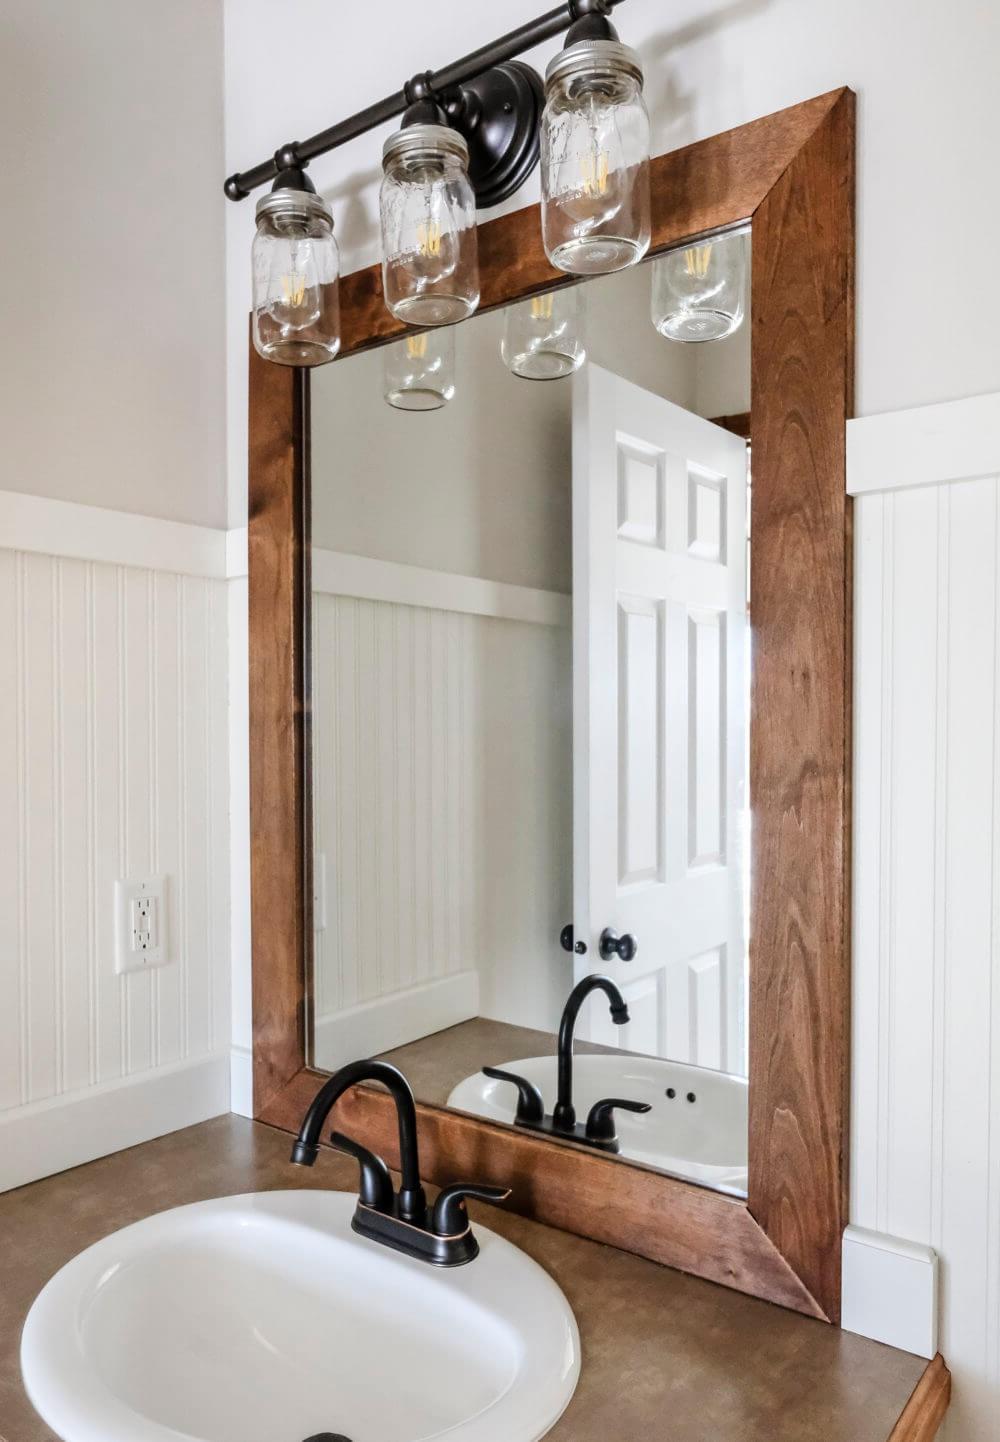 Fabriquer un miroir industriel bricolage.